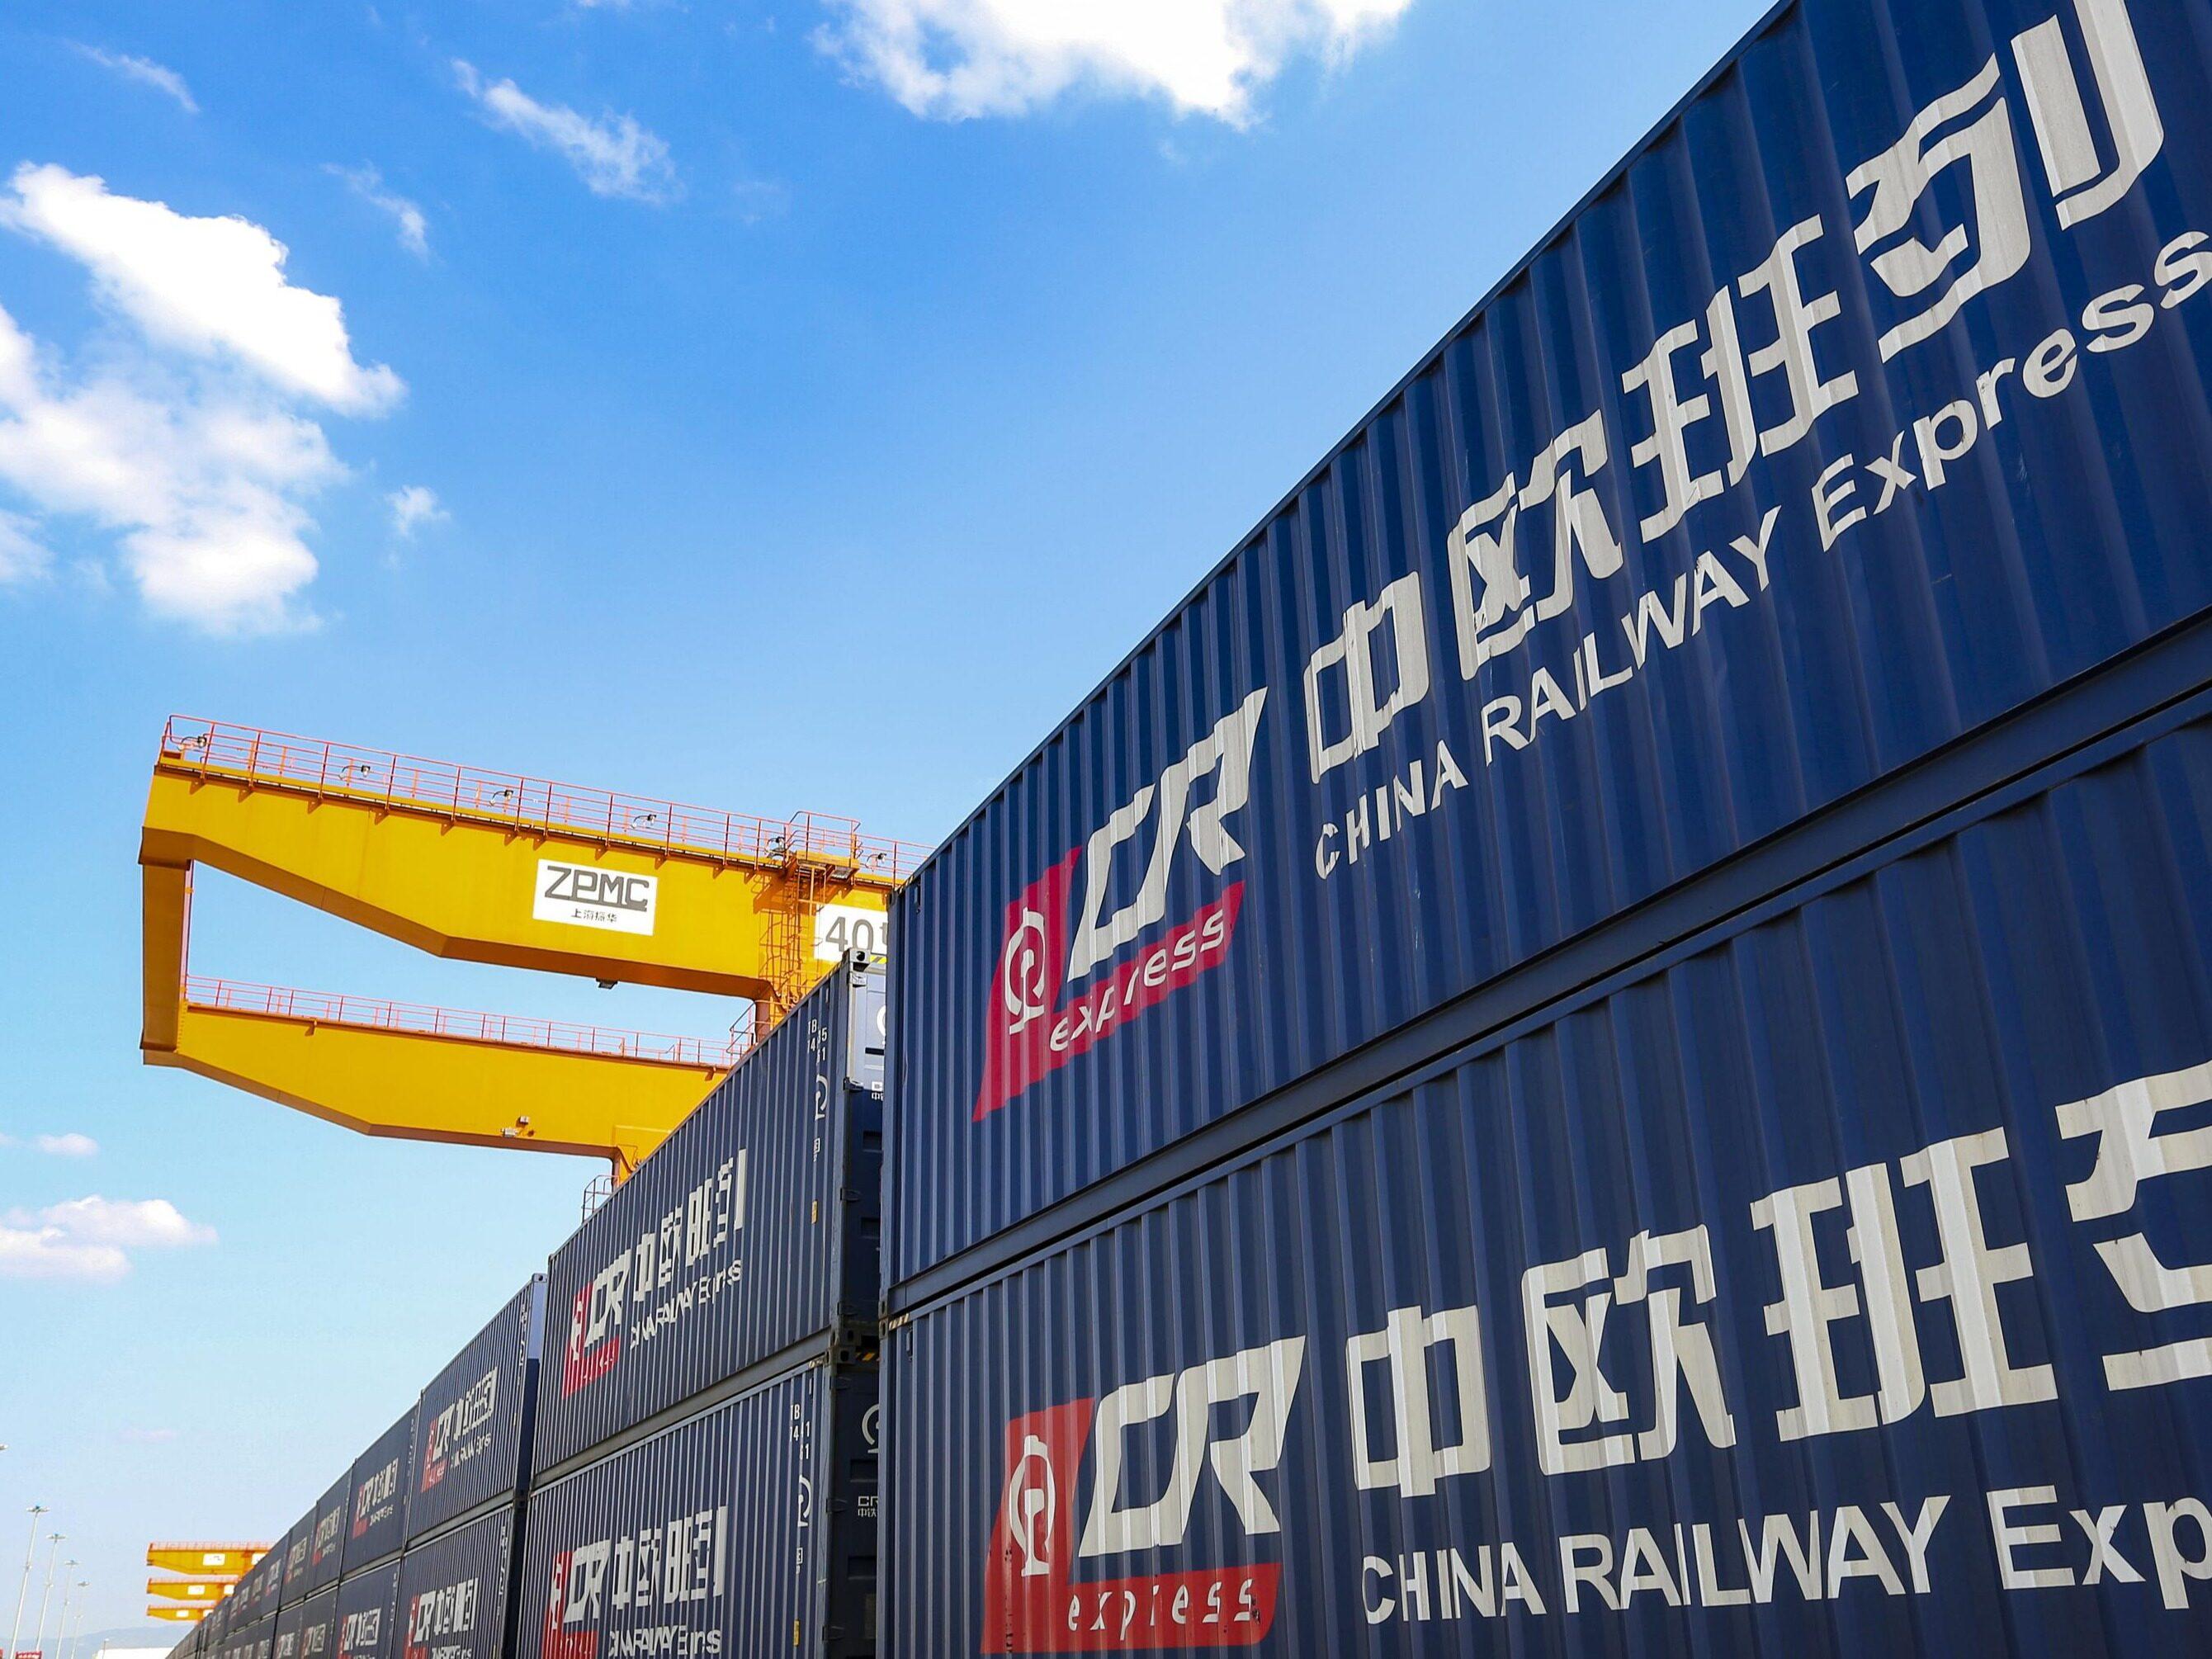 哈萨克斯坦计划扩建铁路网,为中欧班列提供运输保障